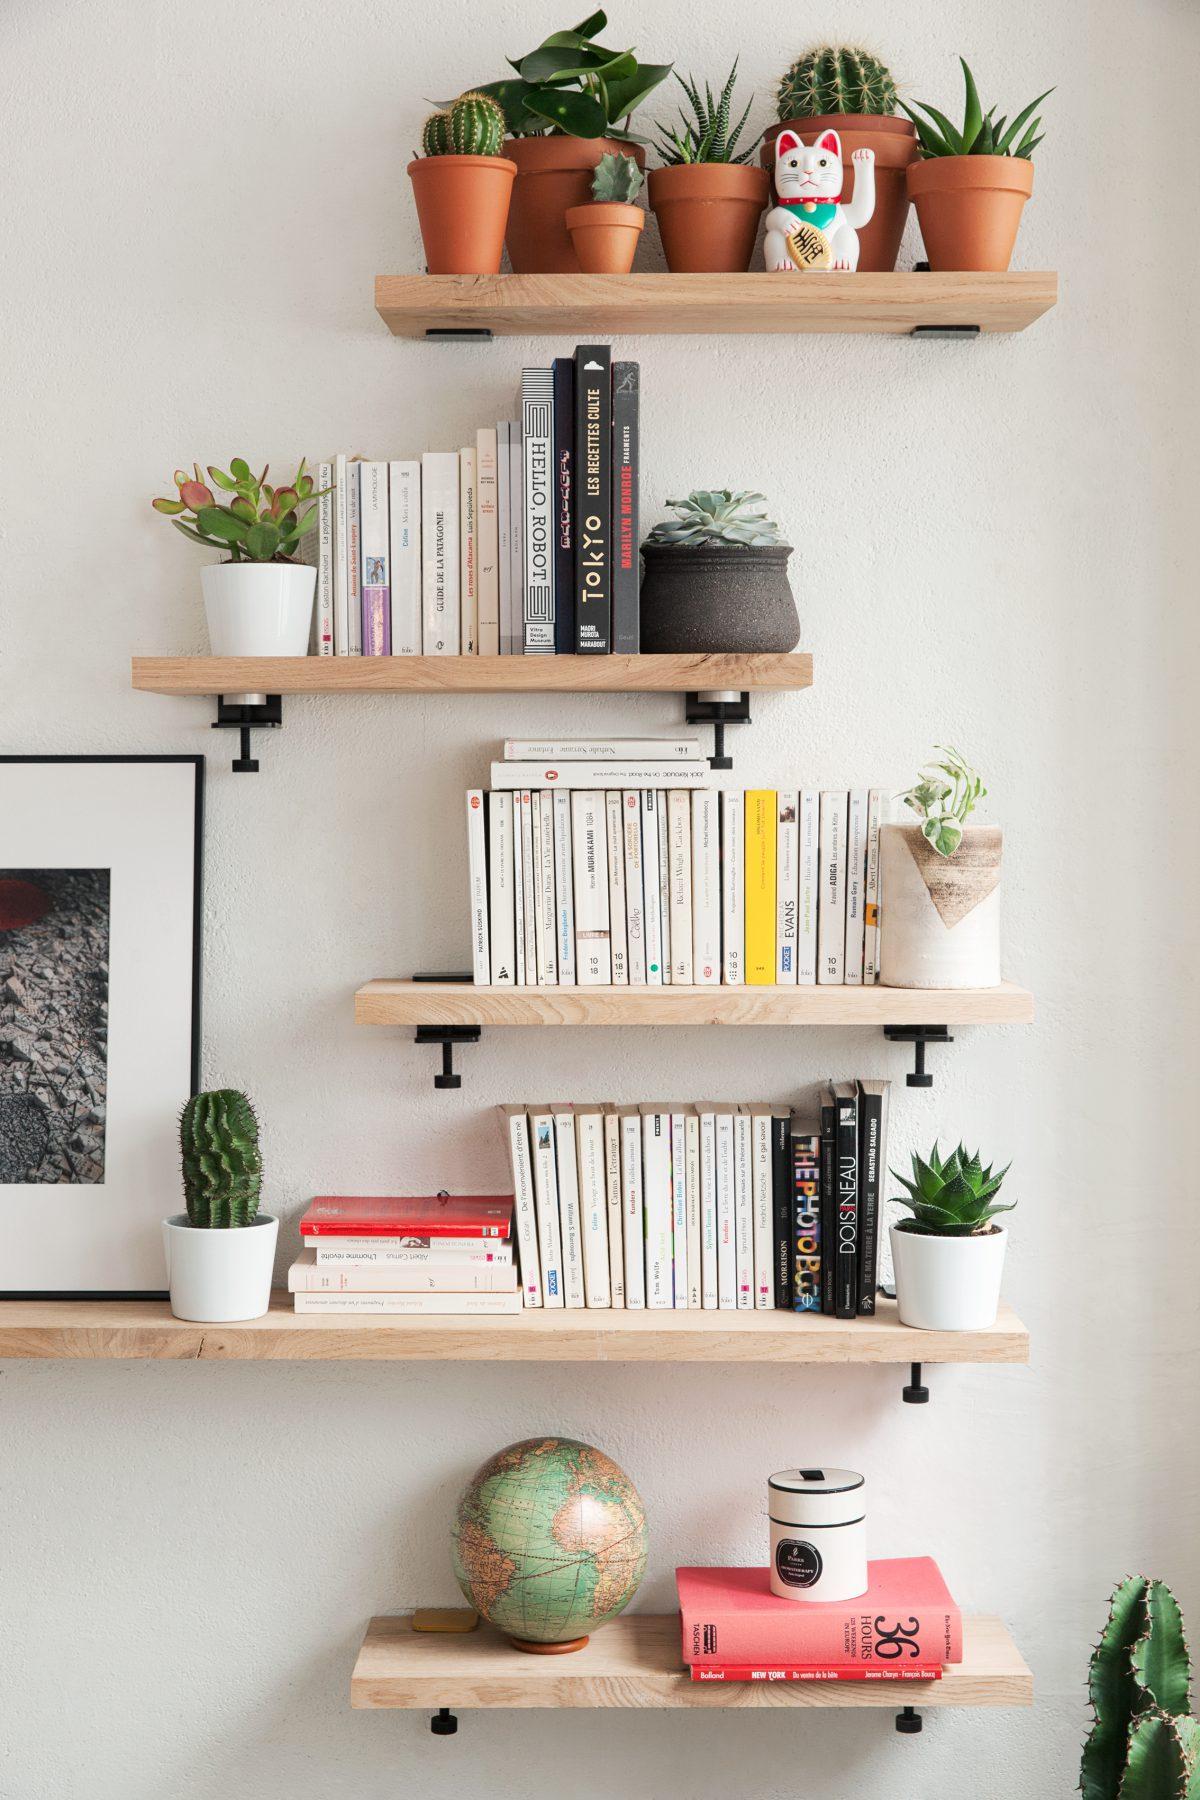 accroche murale bracket etag re unique et design acier et couleurs. Black Bedroom Furniture Sets. Home Design Ideas